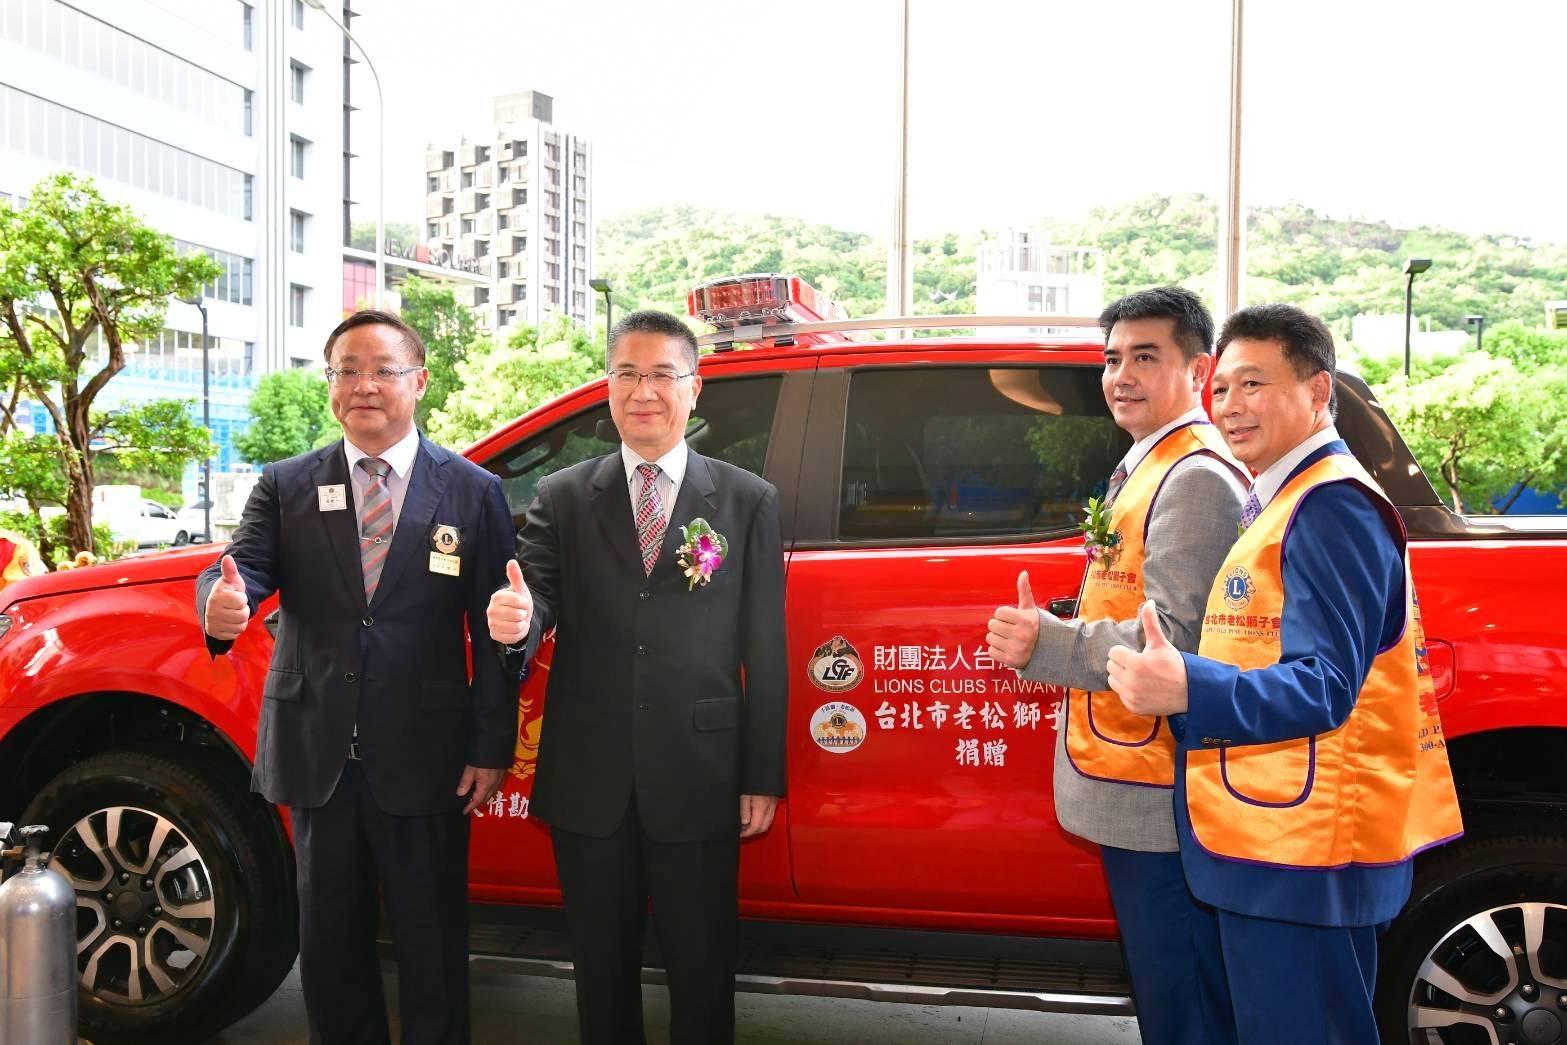 台北市老松獅子會今(5)日下午捐贈消防災情勘查車1部給內政部消防署